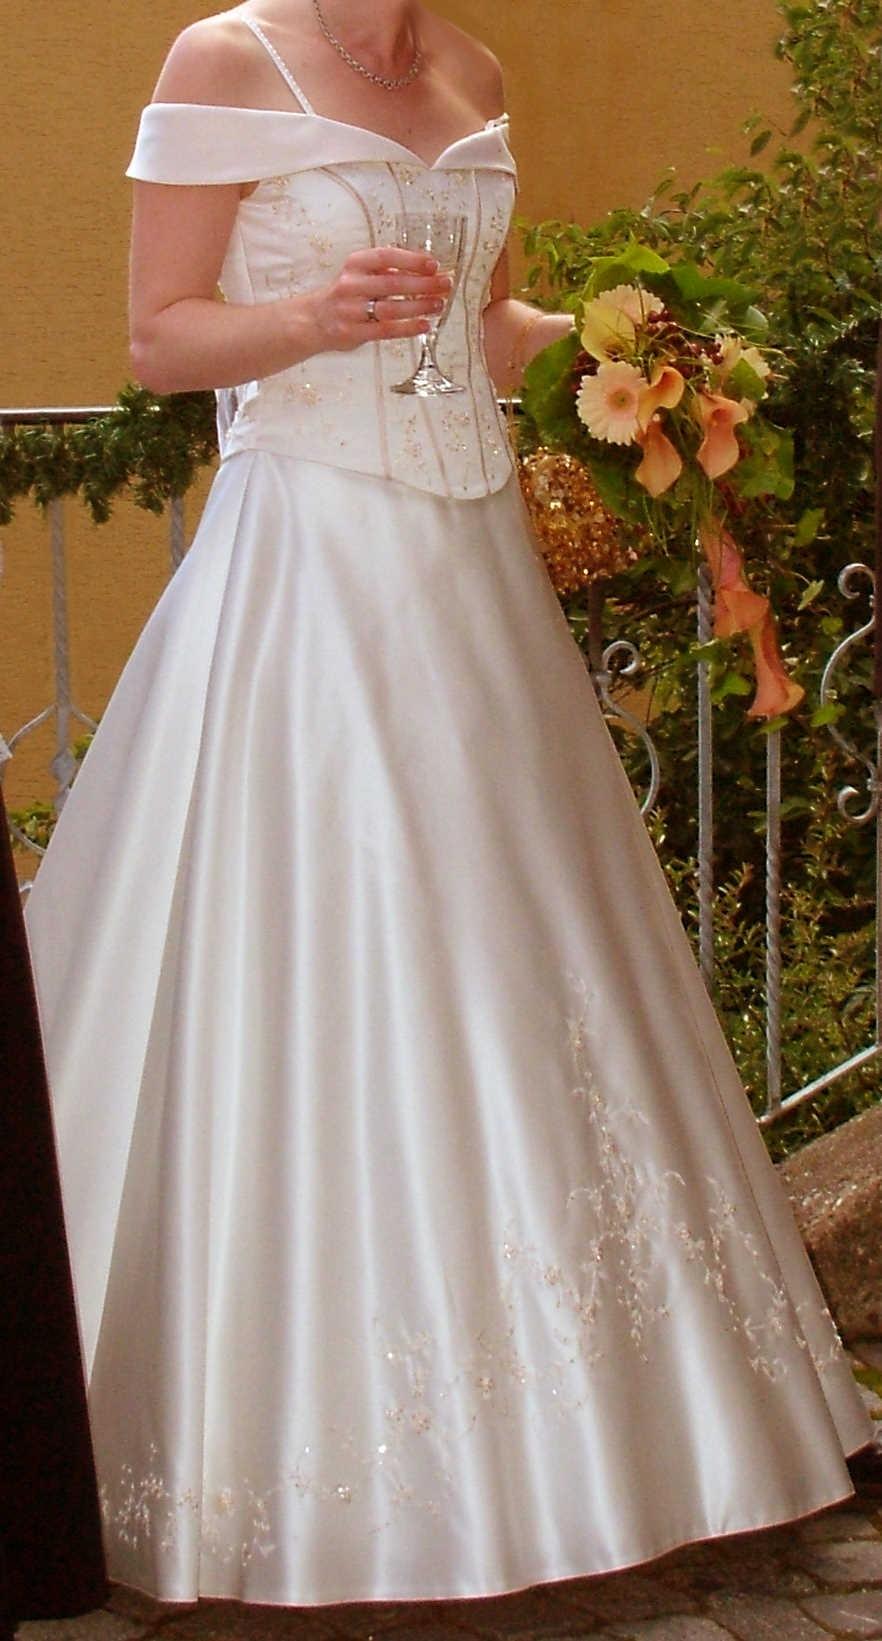 Leicht Brautkleid Gebraucht Boutique20 Coolste Brautkleid Gebraucht Galerie